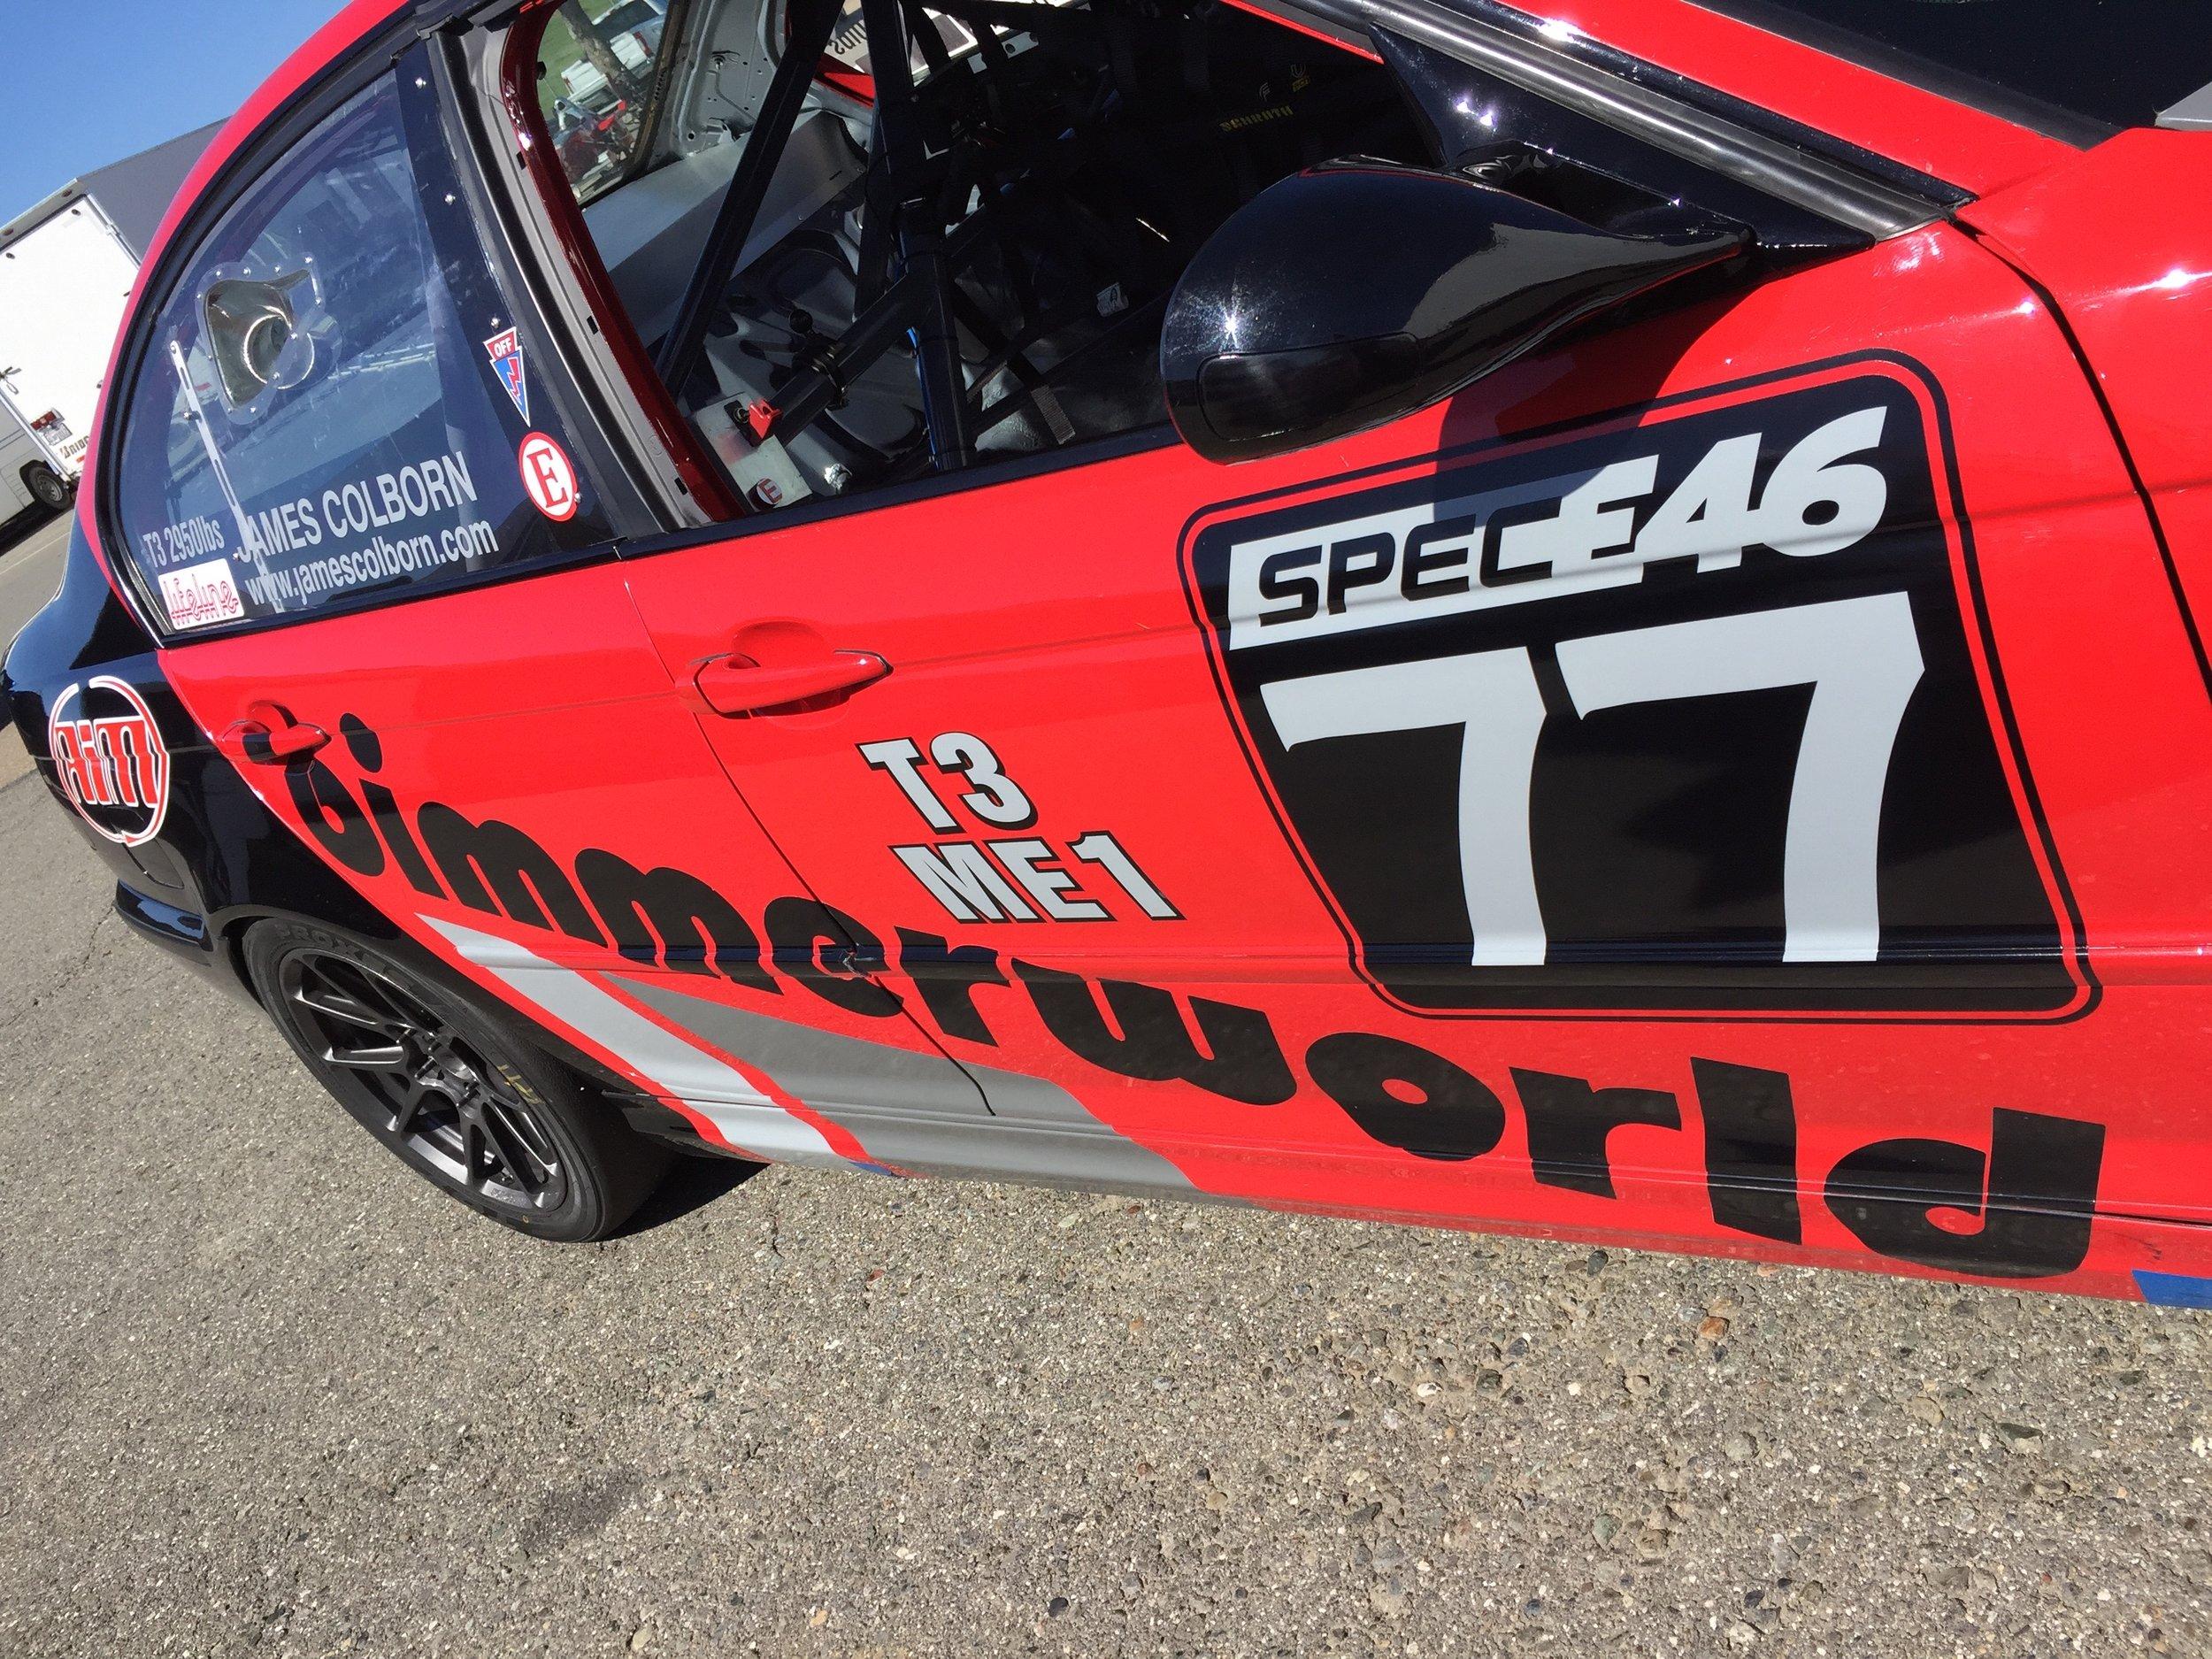 SE46 is now SE46 #77 in T3.